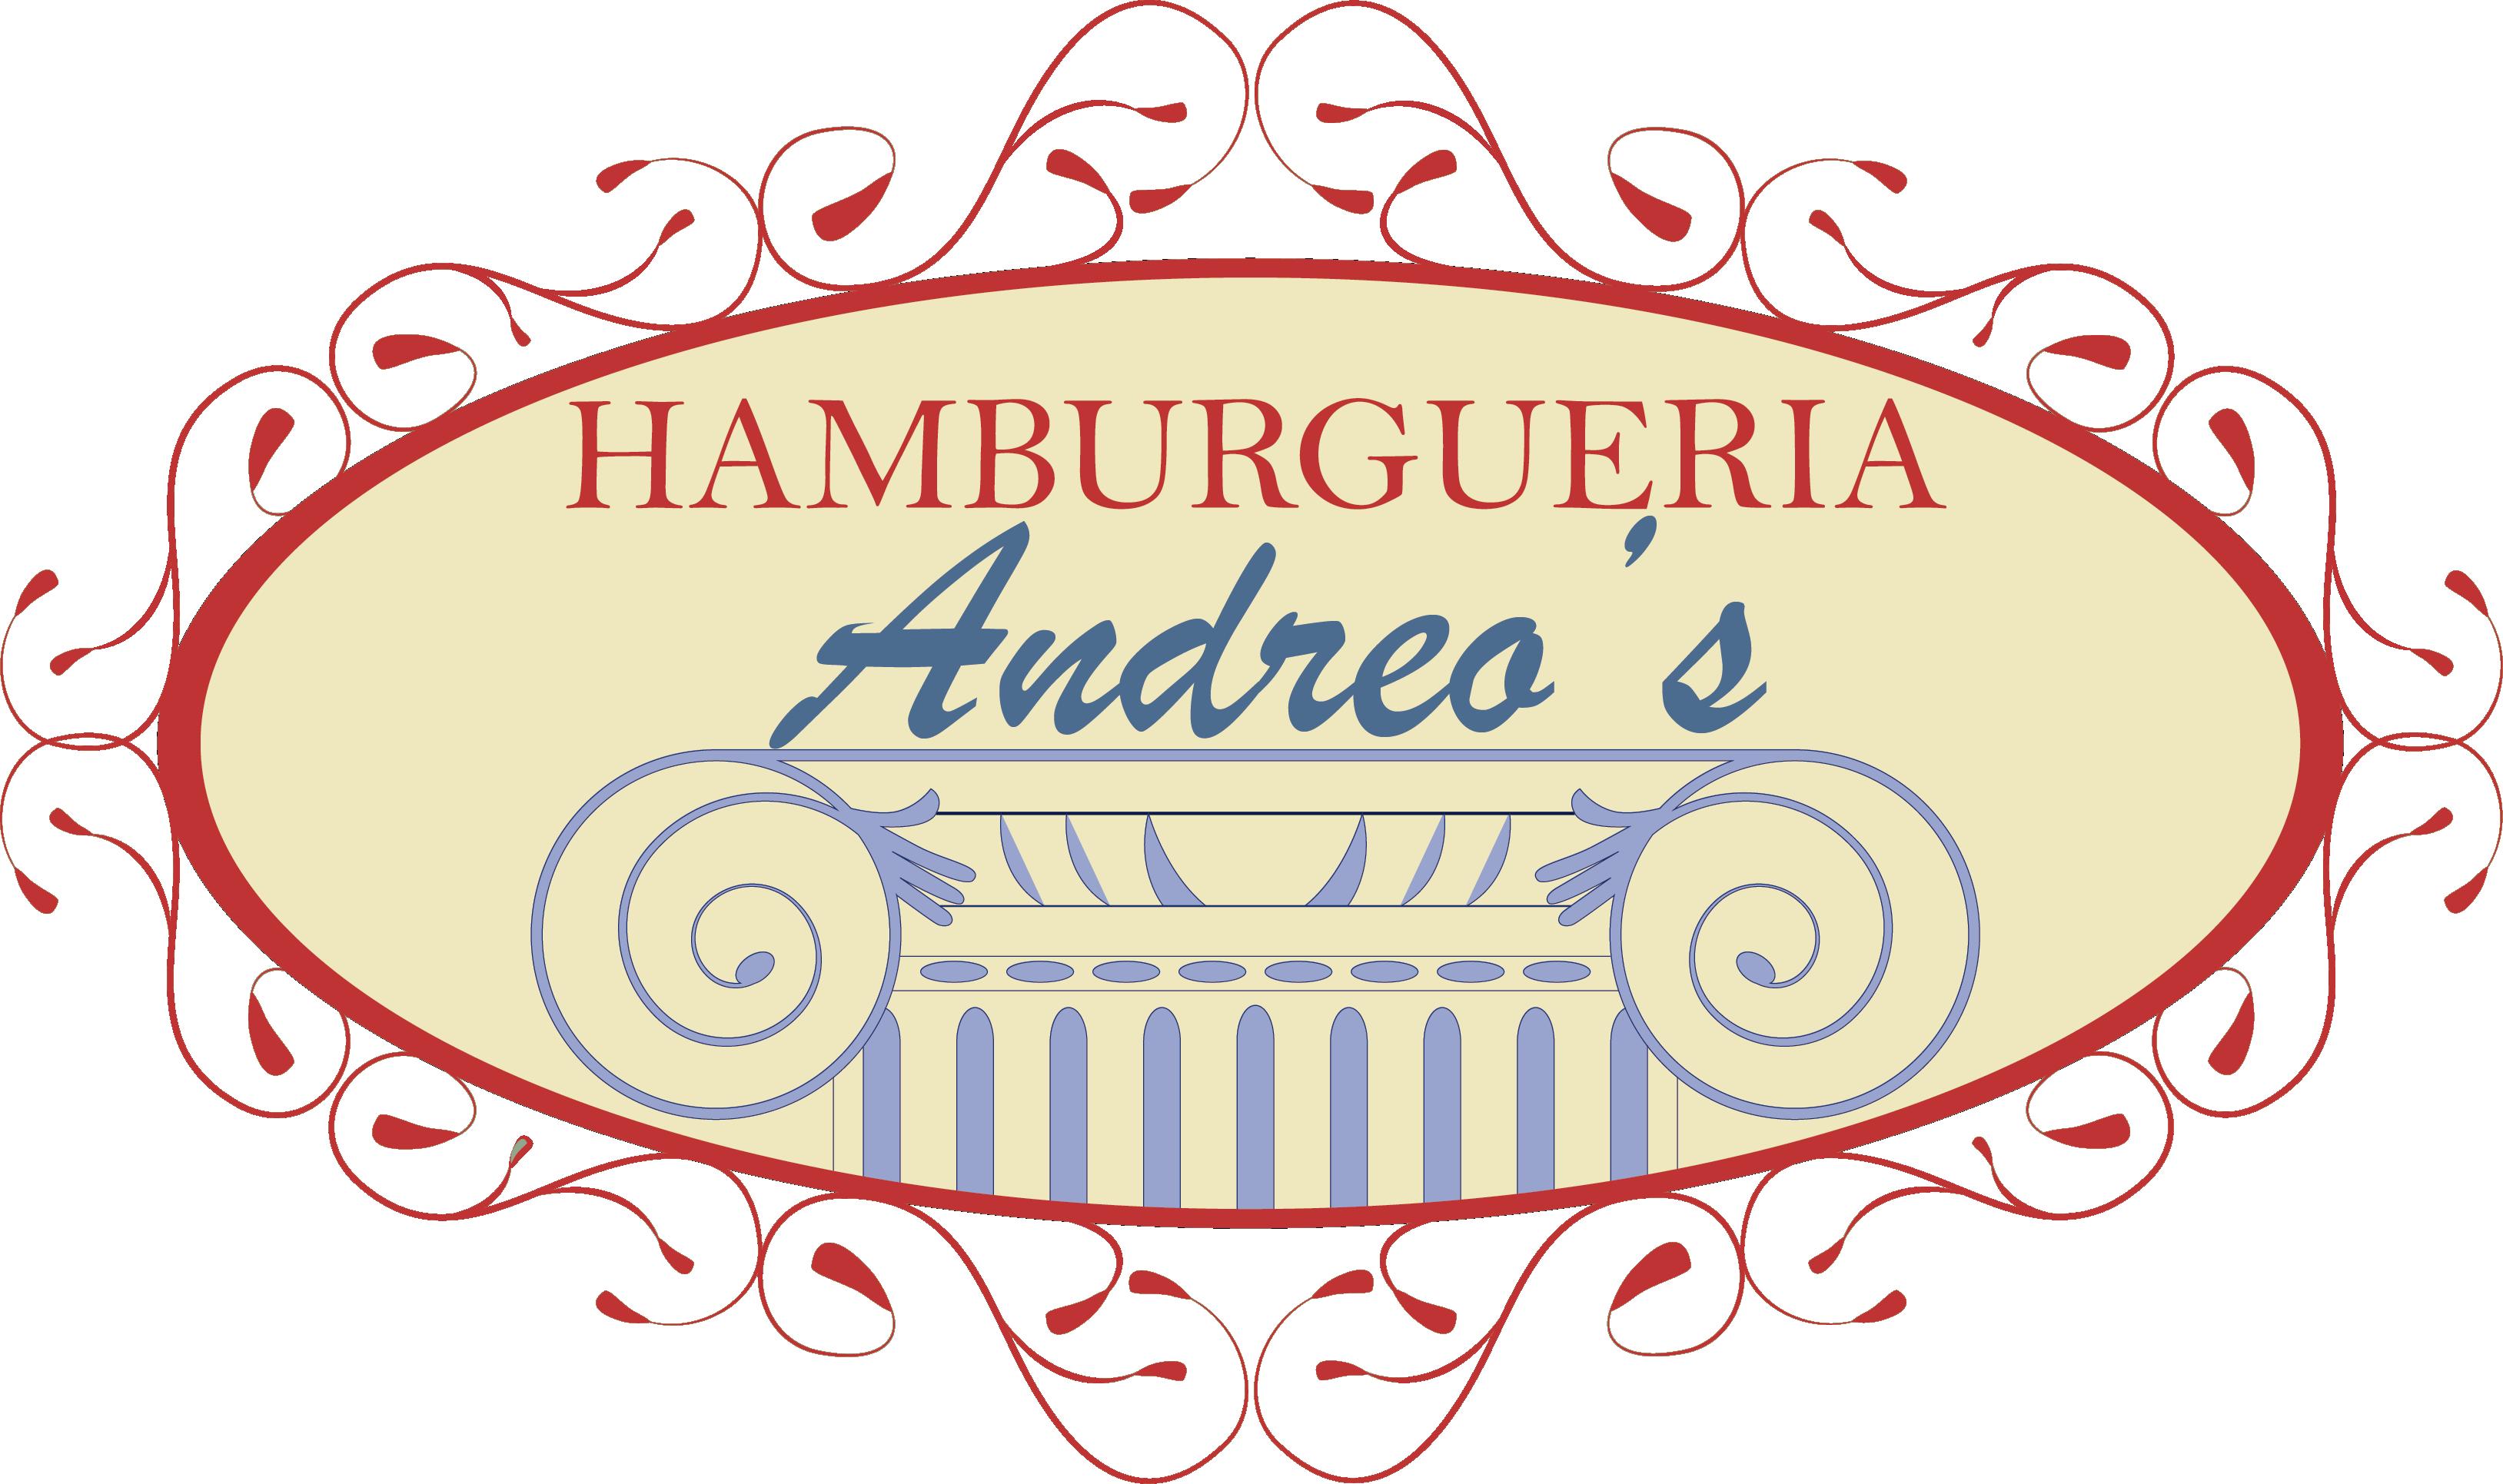 Hamburgueria Andreo's